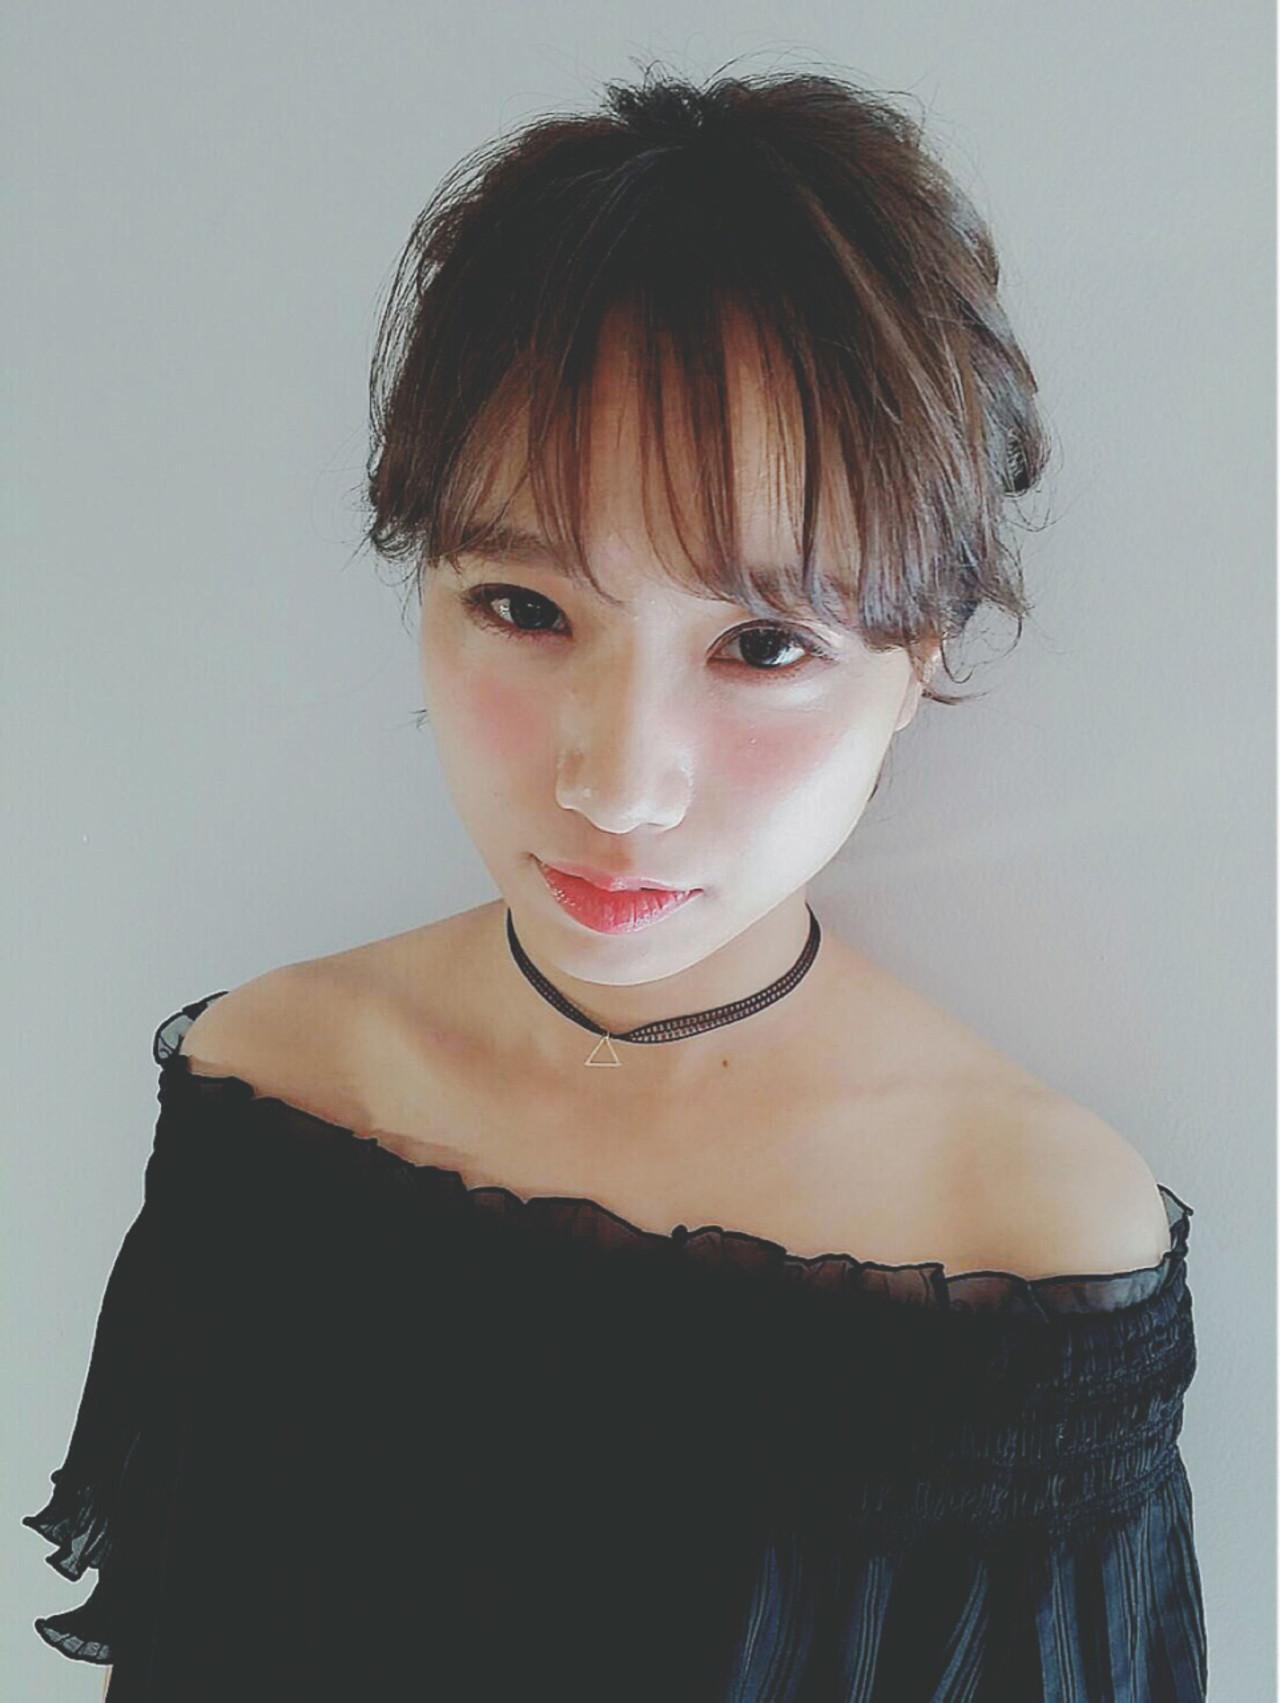 ポニーテール おフェロ 夏 ボブ ヘアスタイルや髪型の写真・画像 | Miki /